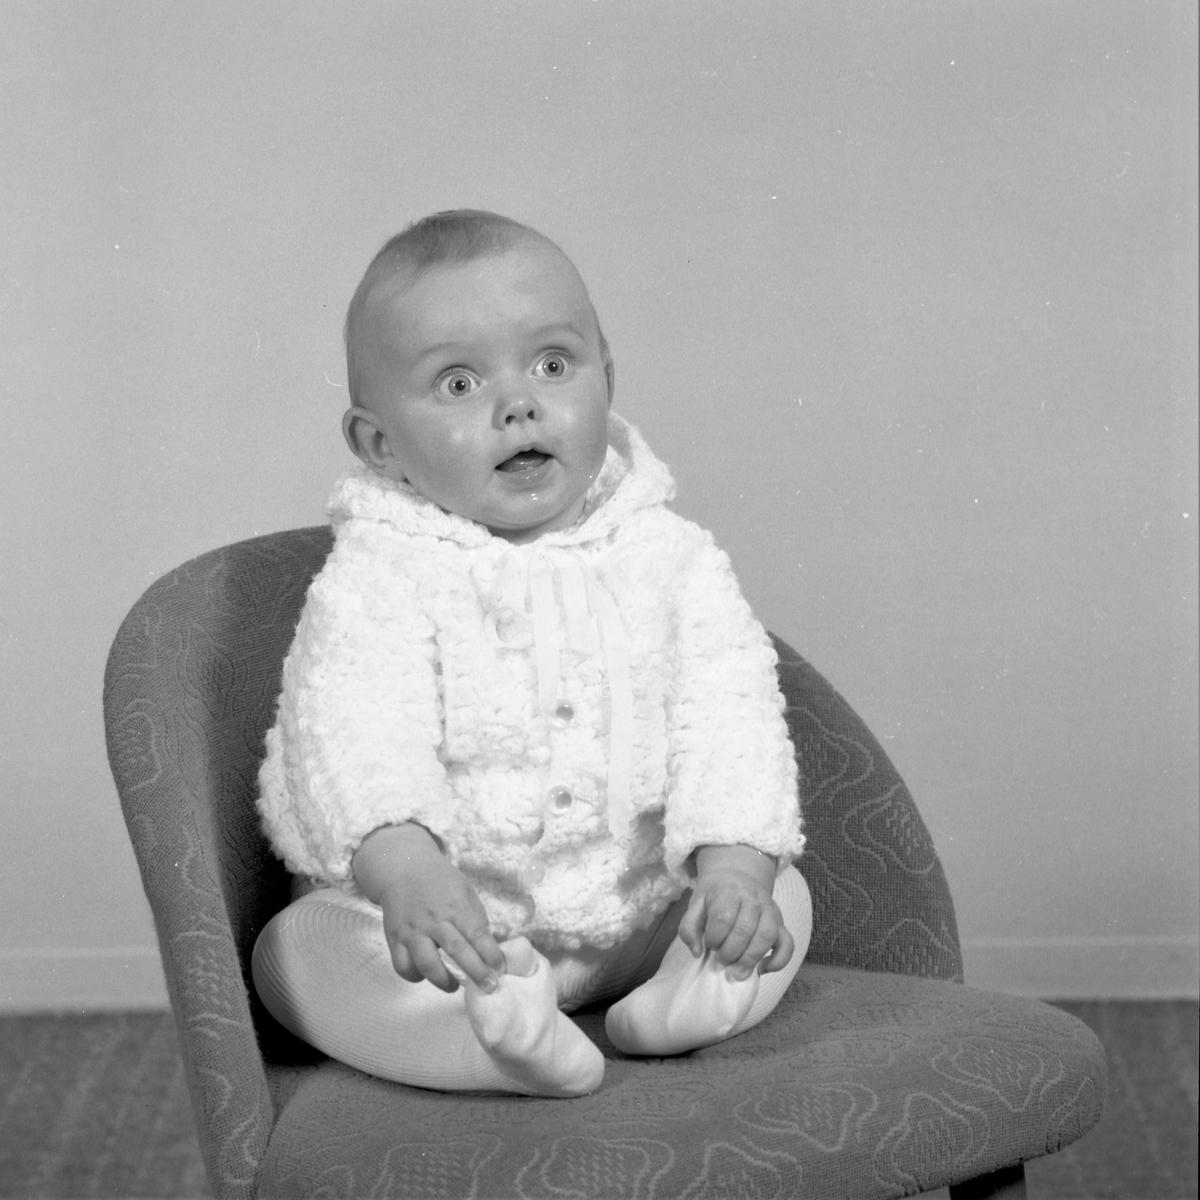 Portrett. Liten mørkhåret gutt fotografert over flere år. 1 år + 2år + ? Yngst i lys strikket drakt med hette og lys strømpebukse. Deretter i lys skjorte og mørk snekkerbukse. Et foto tatt sammen med to søsken, en gutt og en pike, begge i strikkede gensere. Tilslutt et foto i lys farget genser med rund hals og lyse og mørke partier i halspartiet og nederst på ermet. Bestilt av Gunnar Utvik. Røksund.